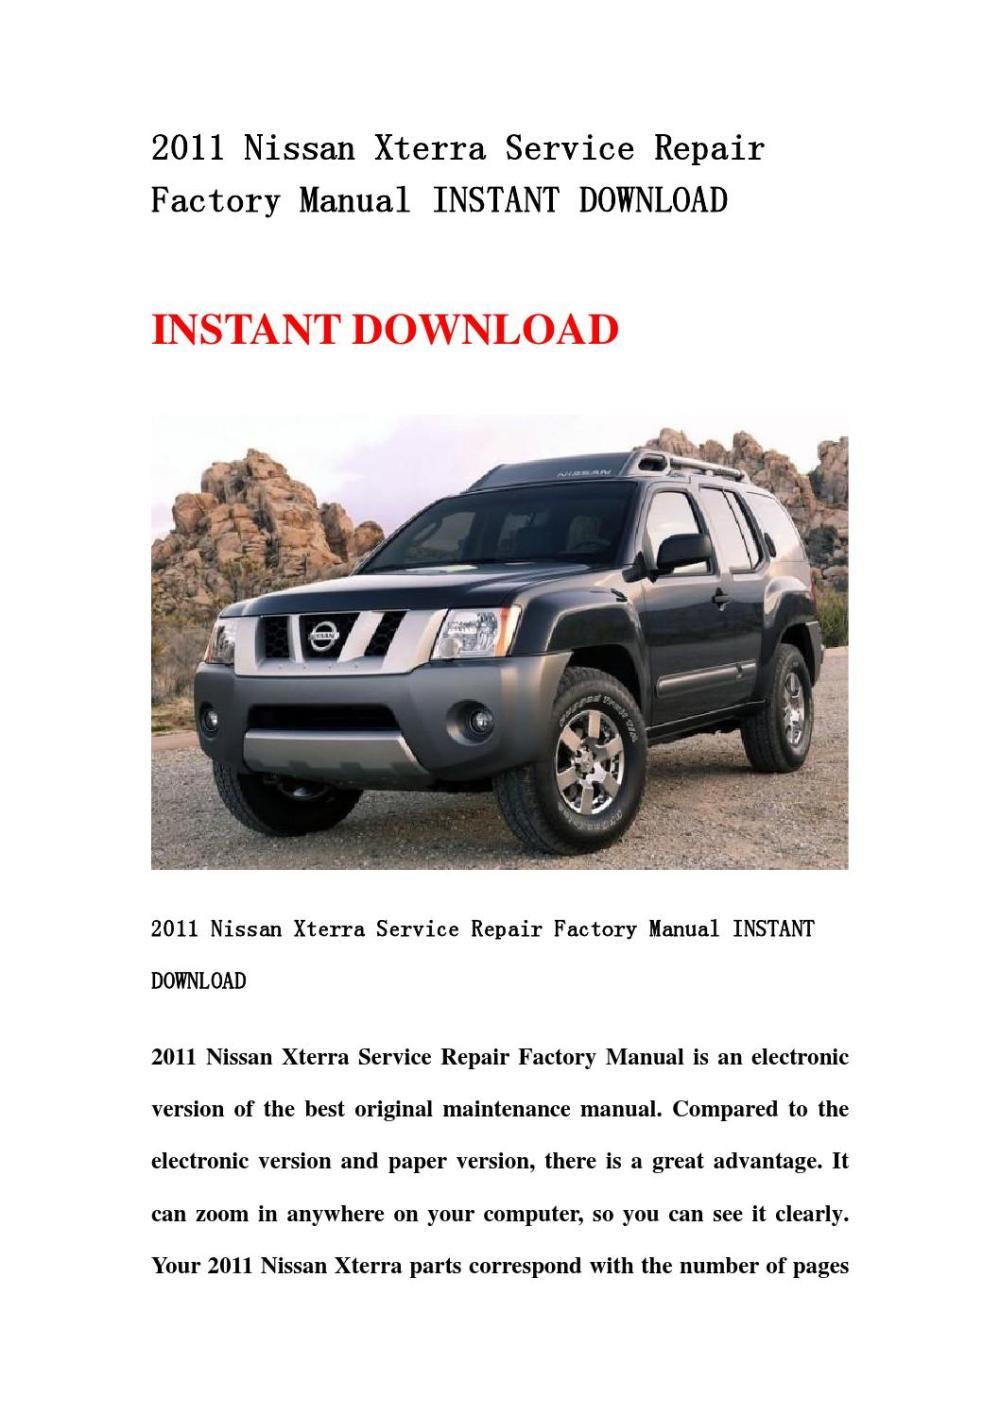 medium resolution of 2002 nissan xterra owner s manual